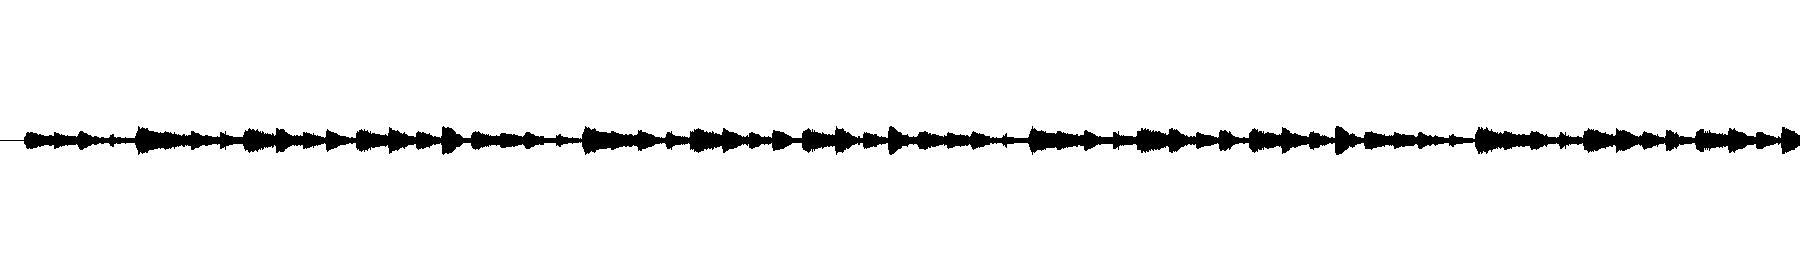 3 audio 0001 2020 01 06 200507